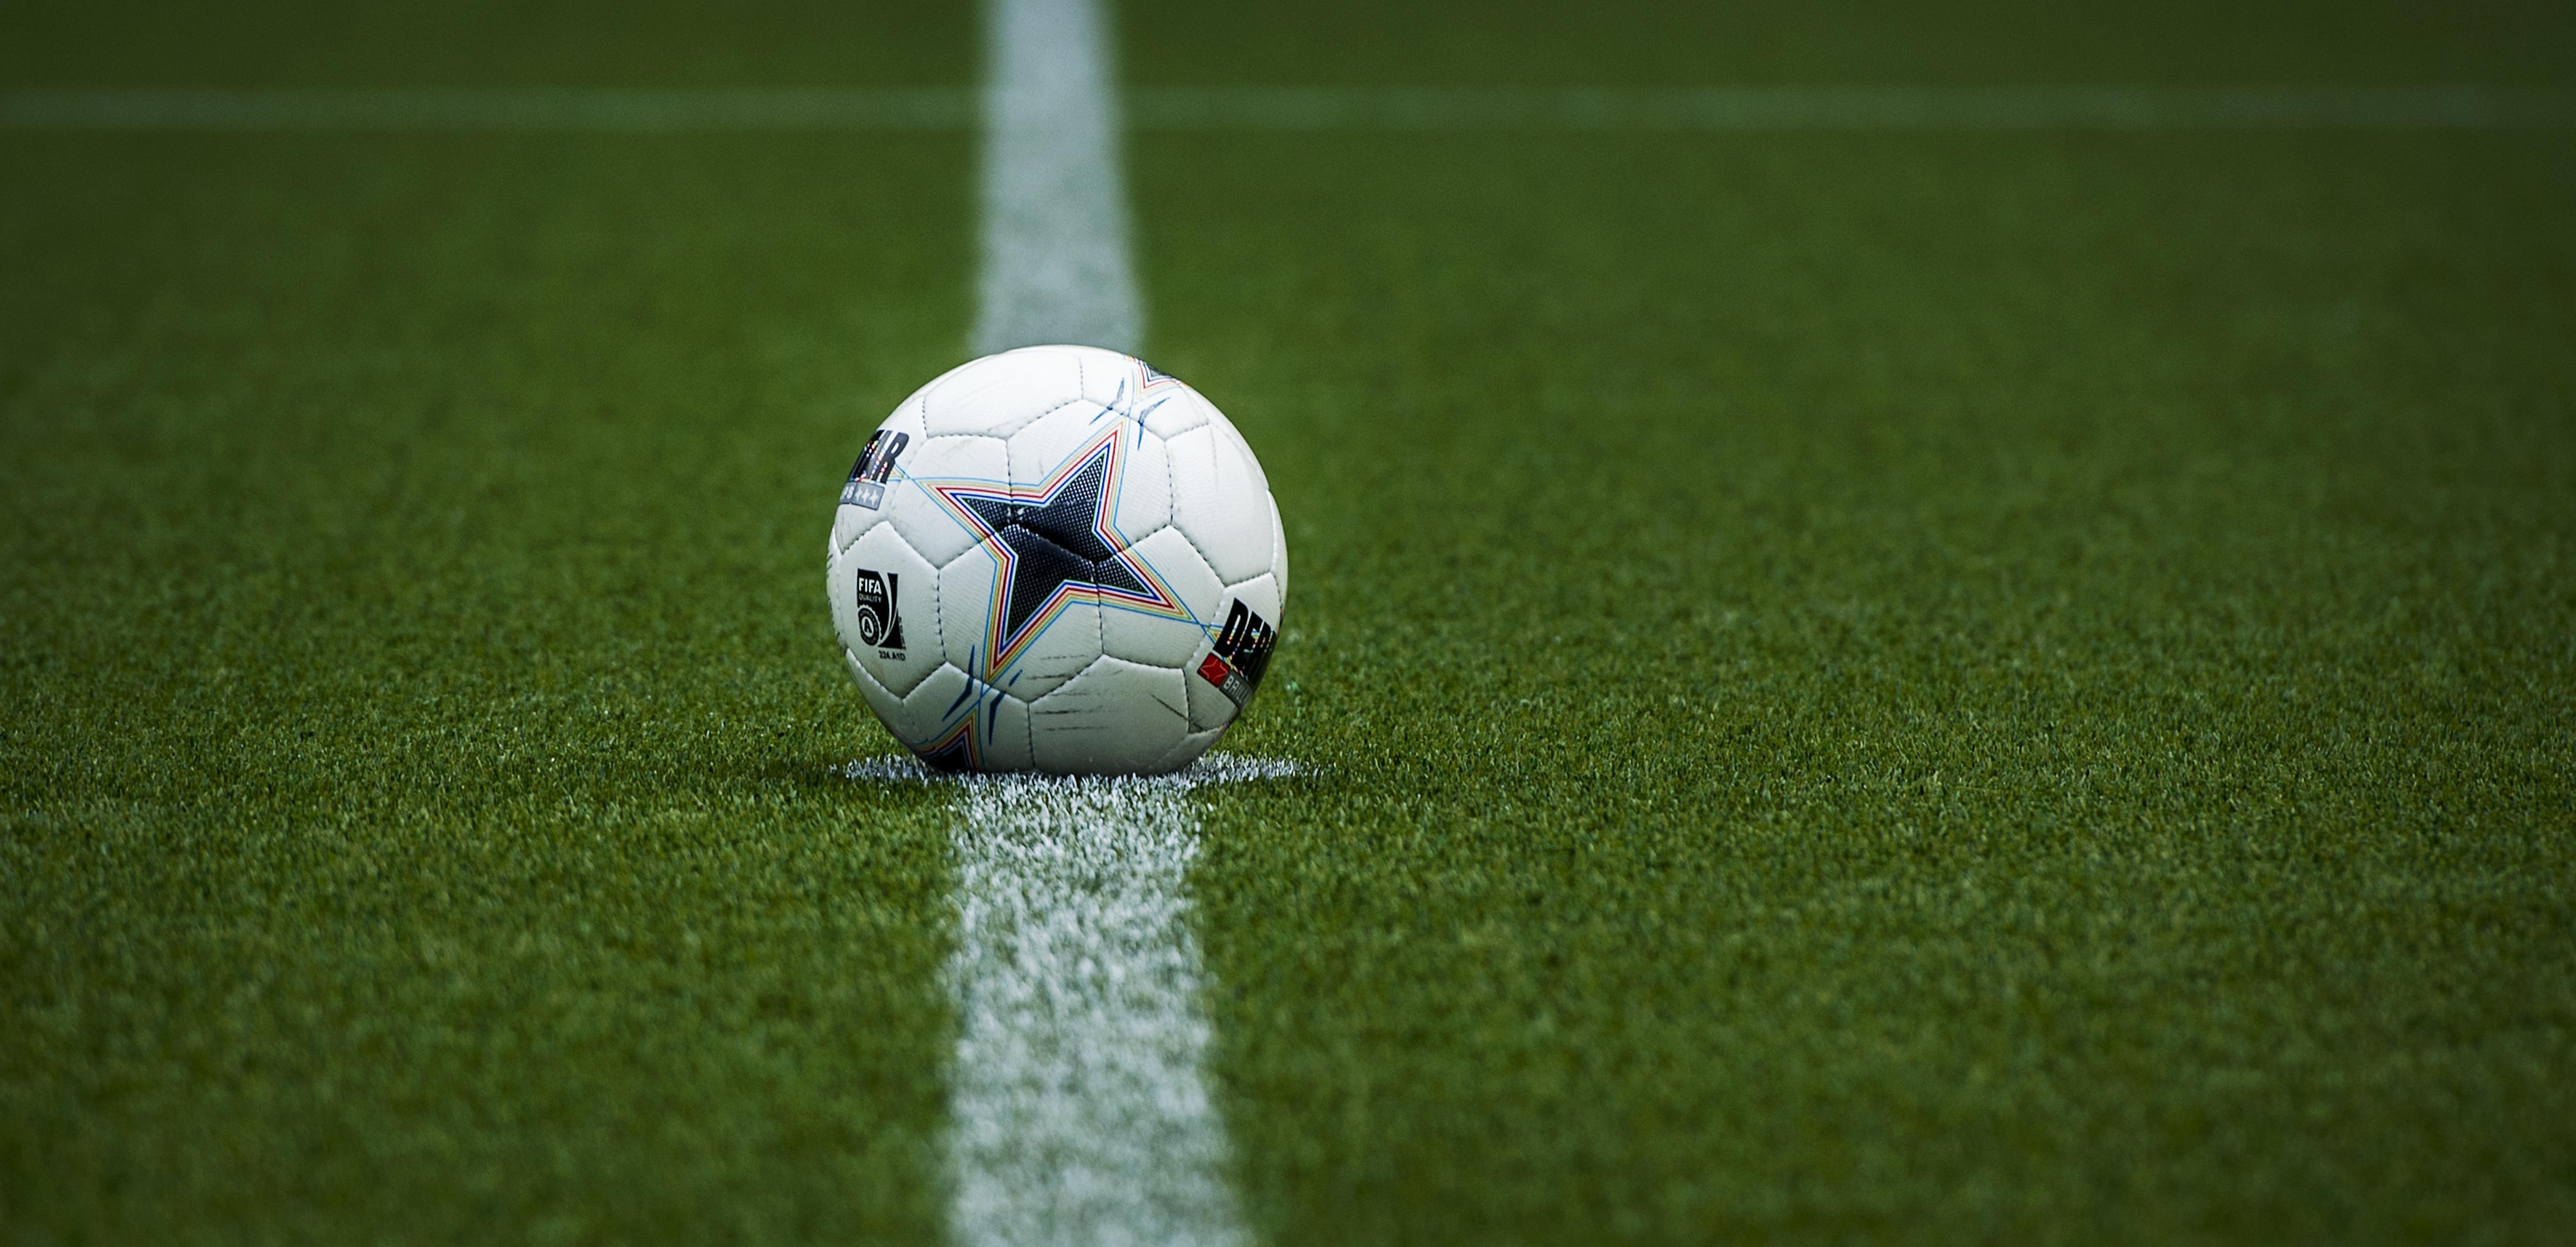 Jong AZ verliest van Jong PSV [video]